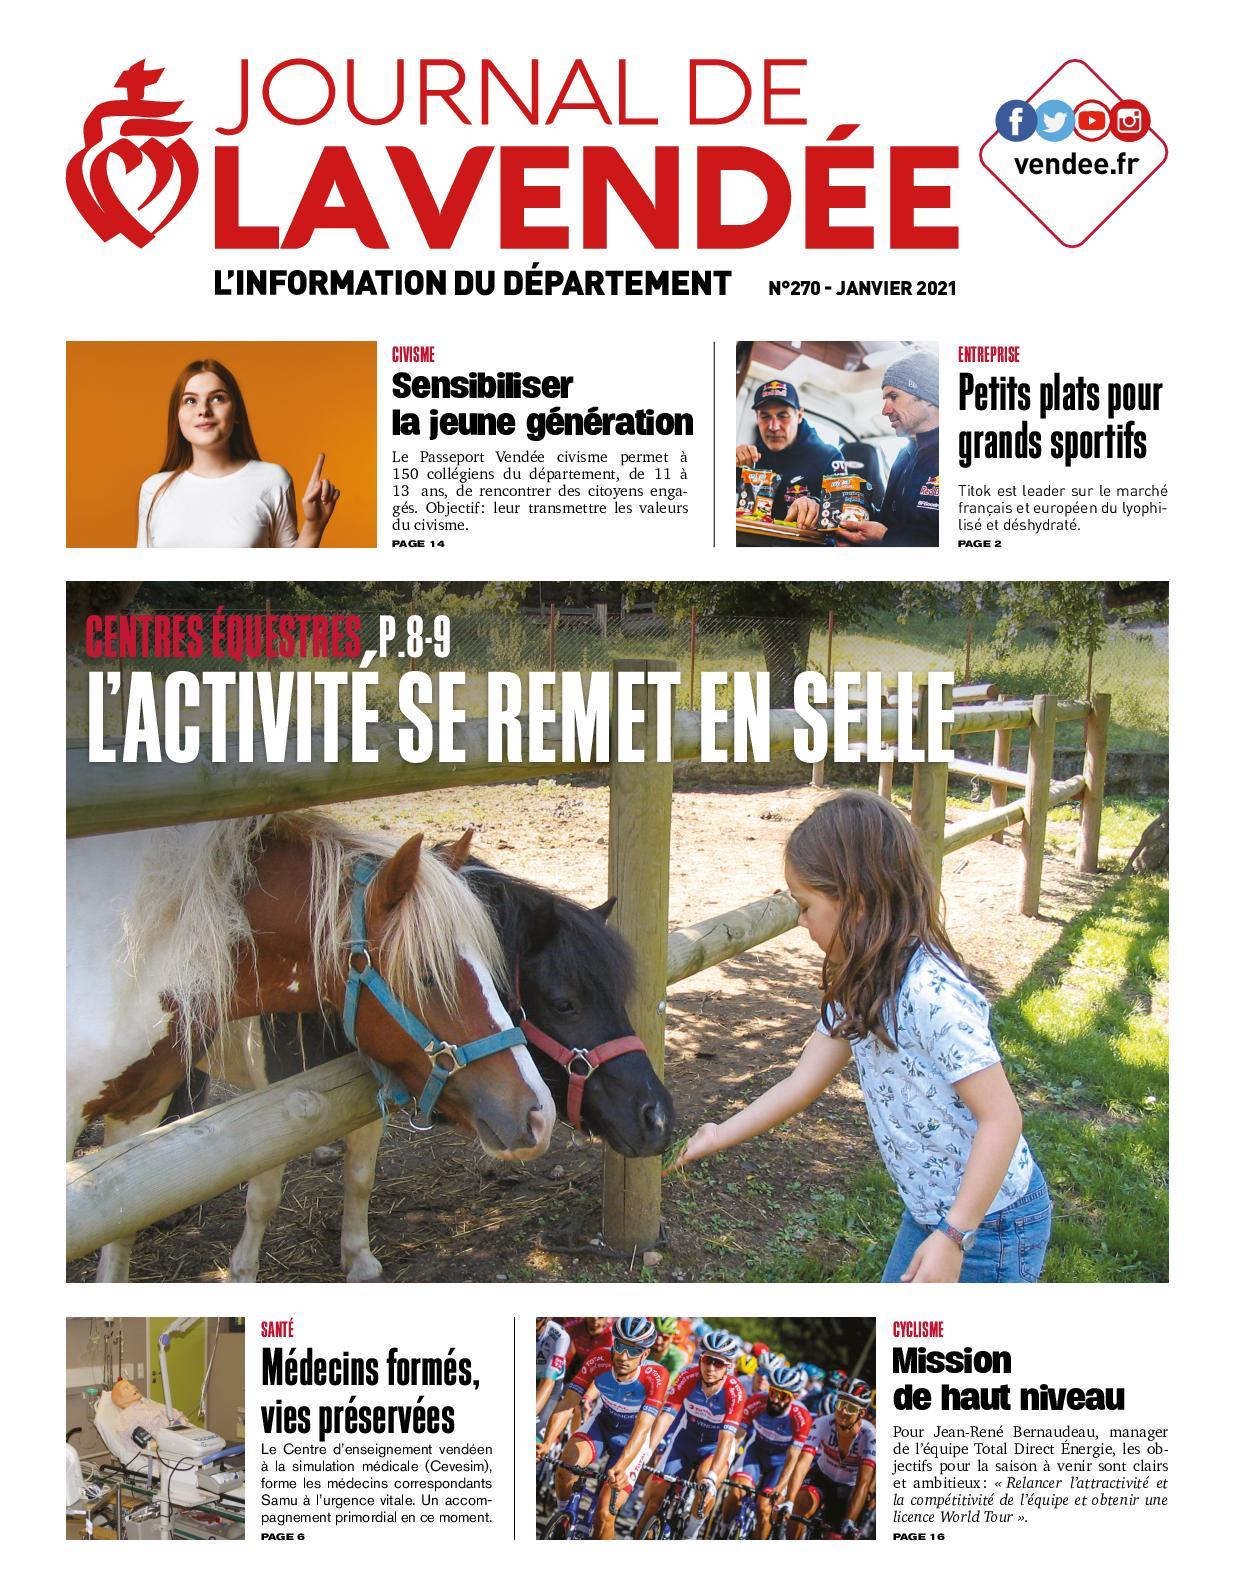 Calaméo - Journal de la Vendée n° 270 - Janvier 2021